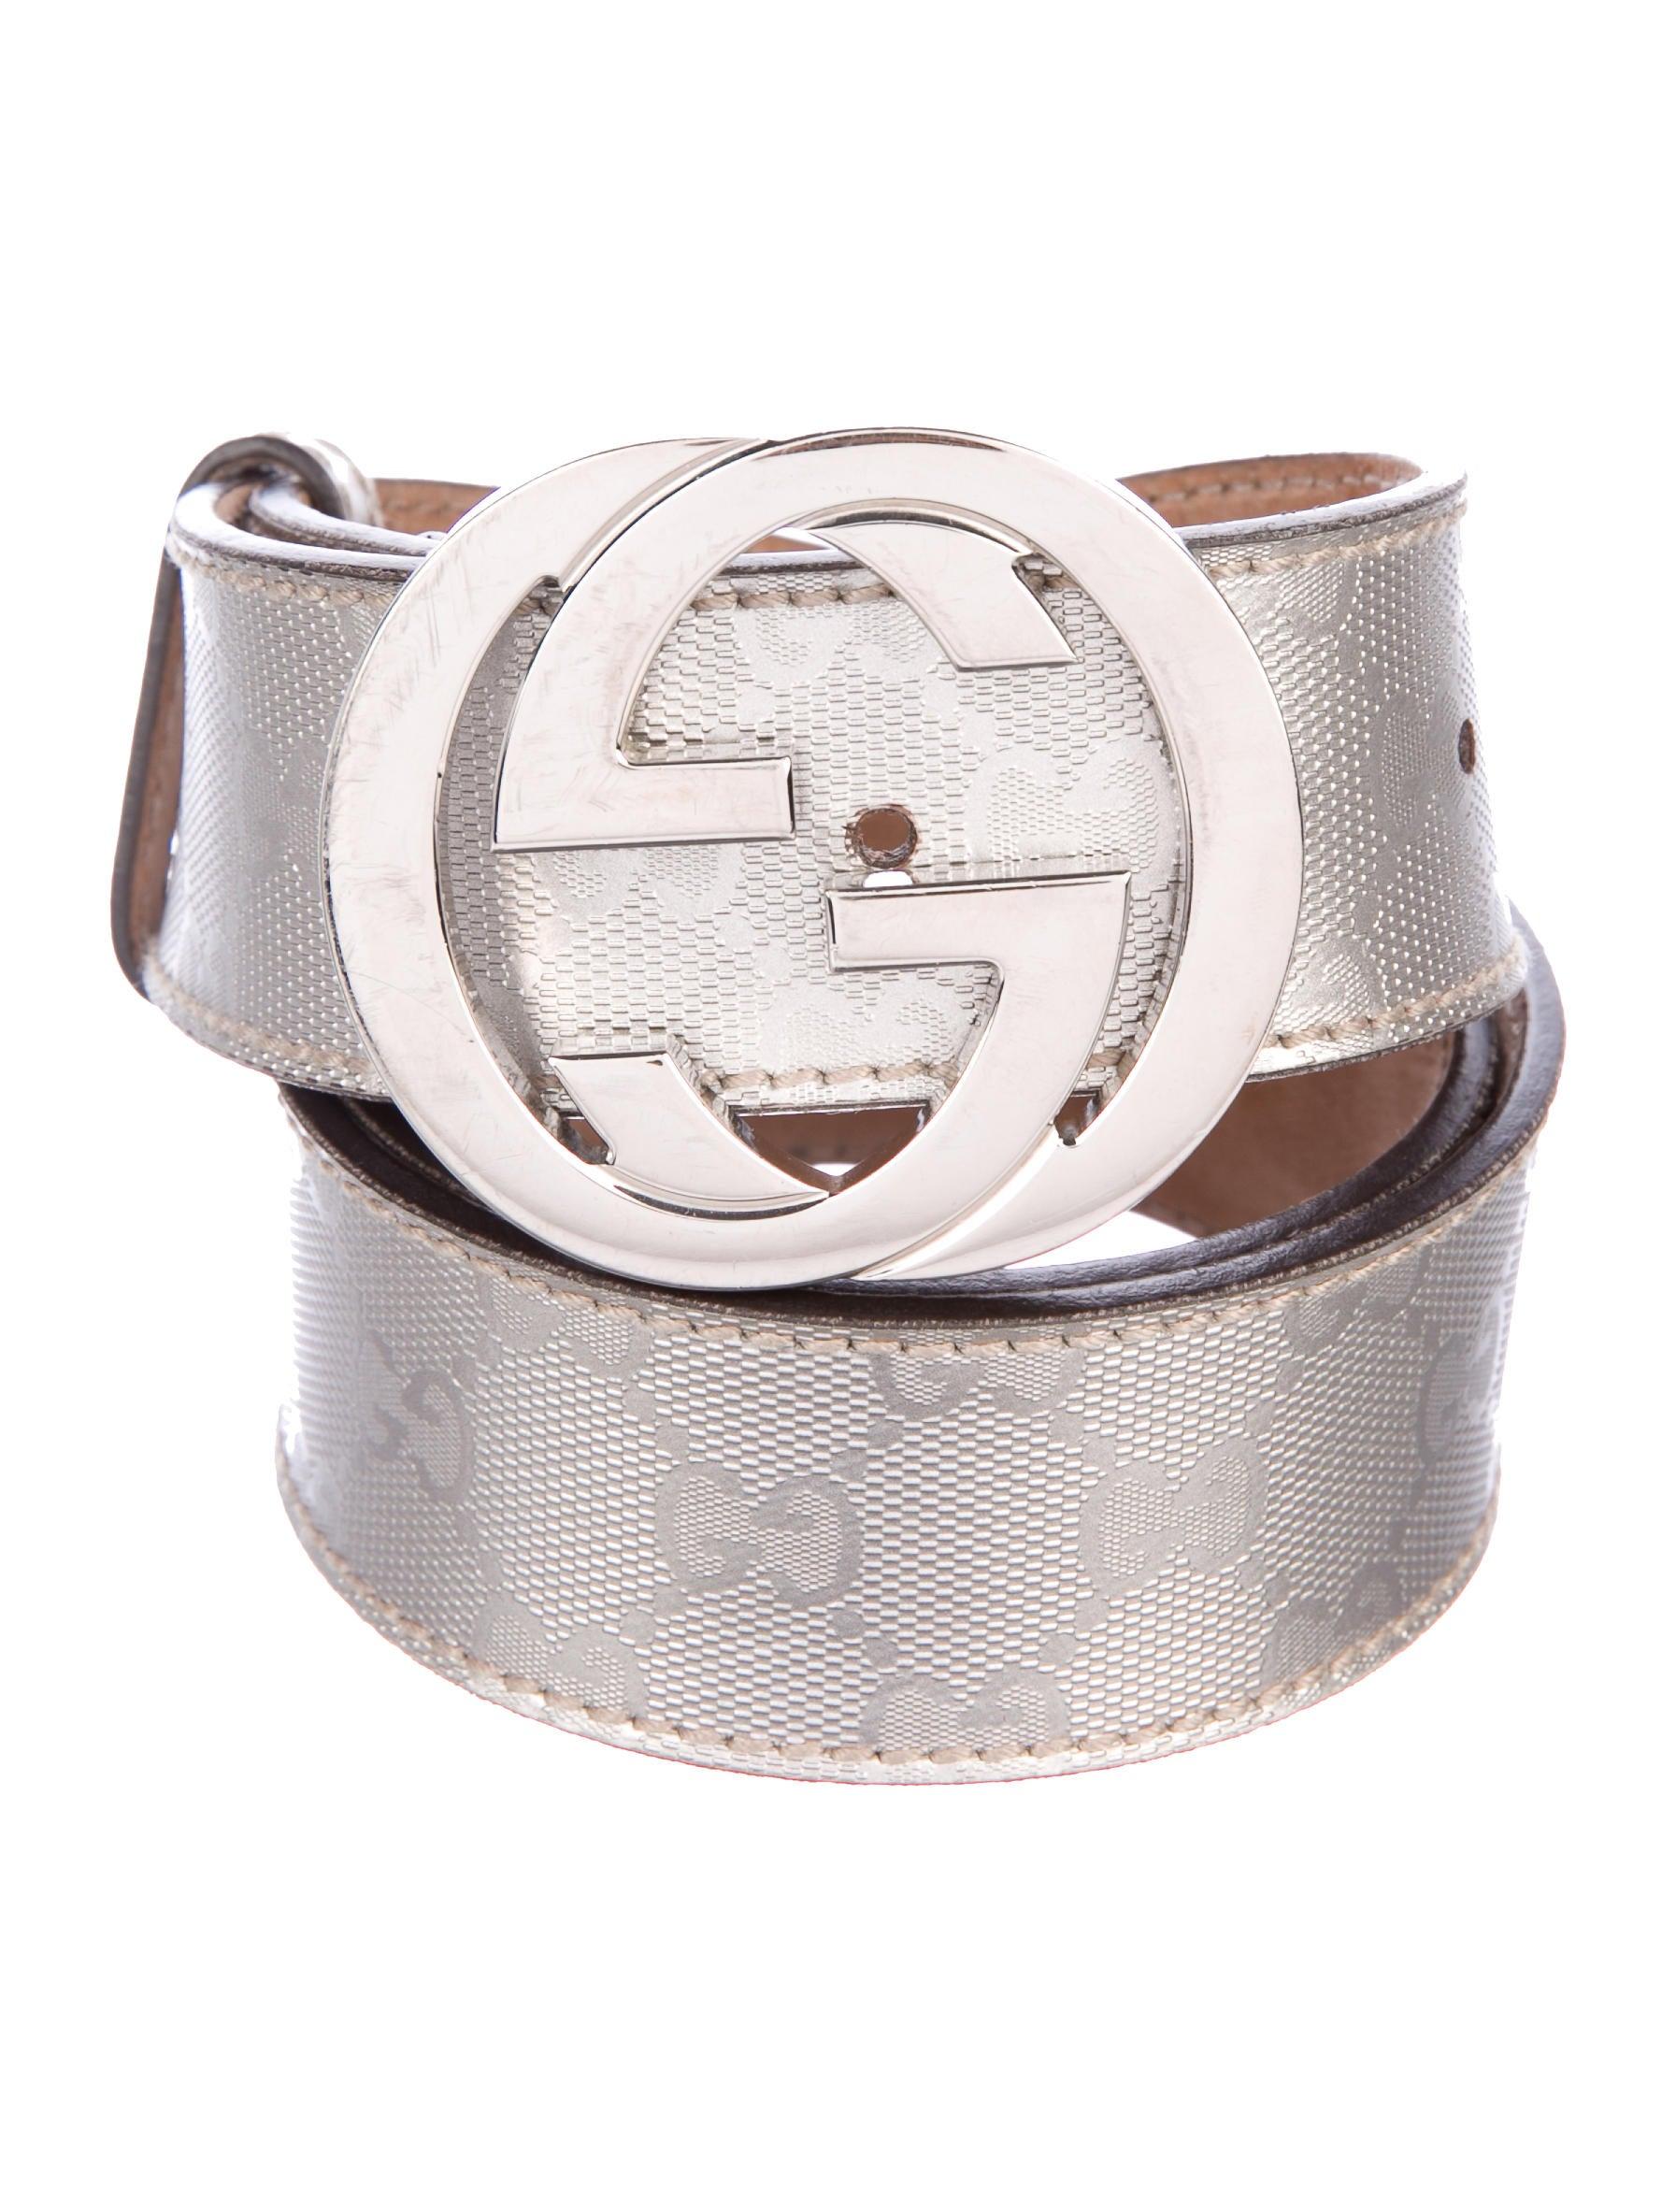 dd54a1a7baa Gucci GG Imprimé GG Belt - Accessories - GUC244843